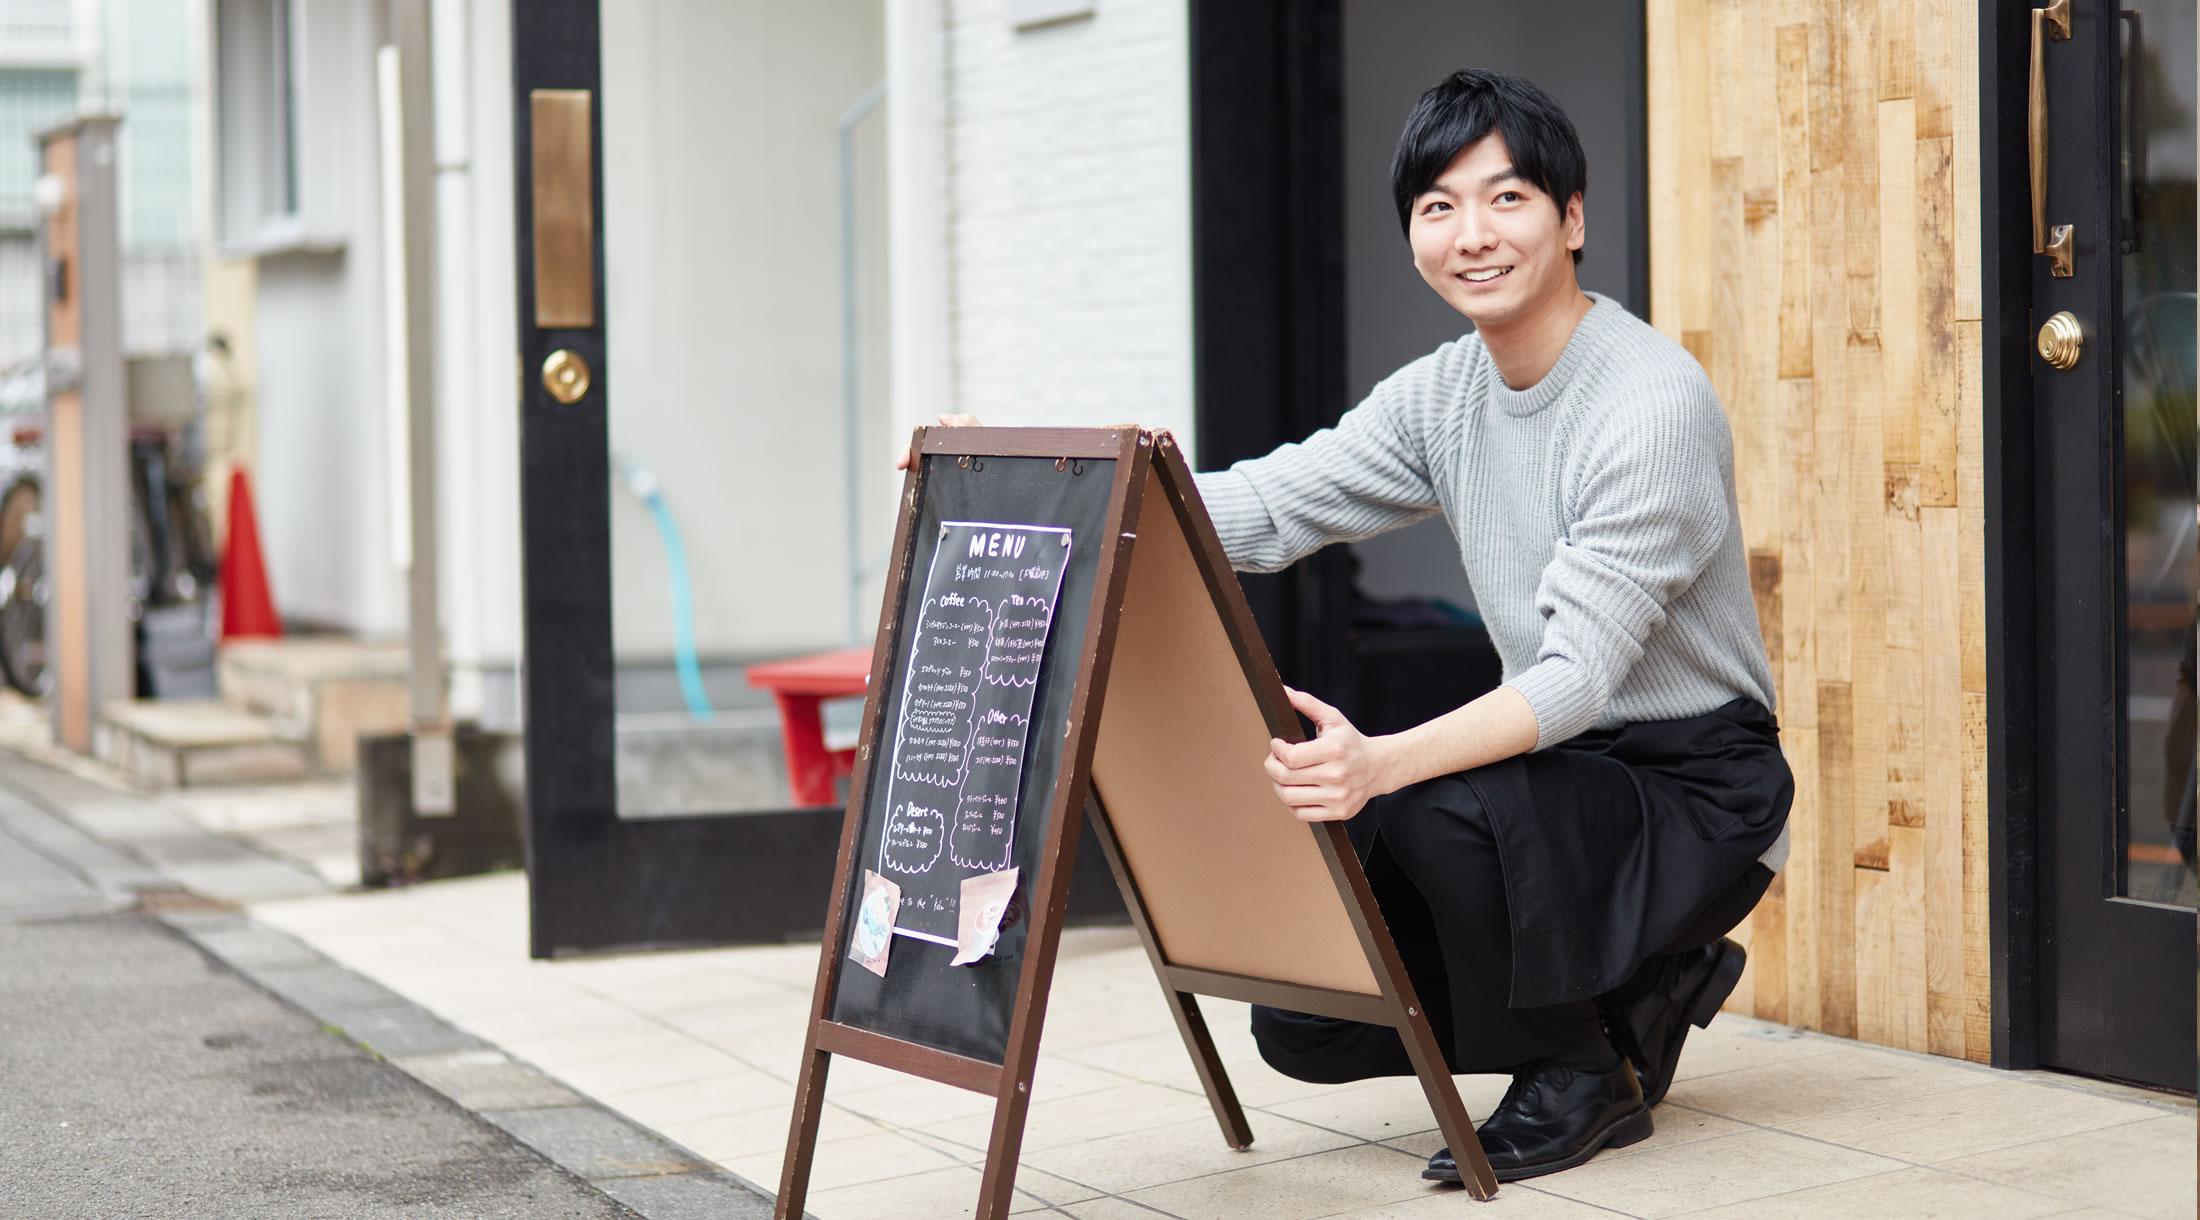 開店準備するカフェ男性店主